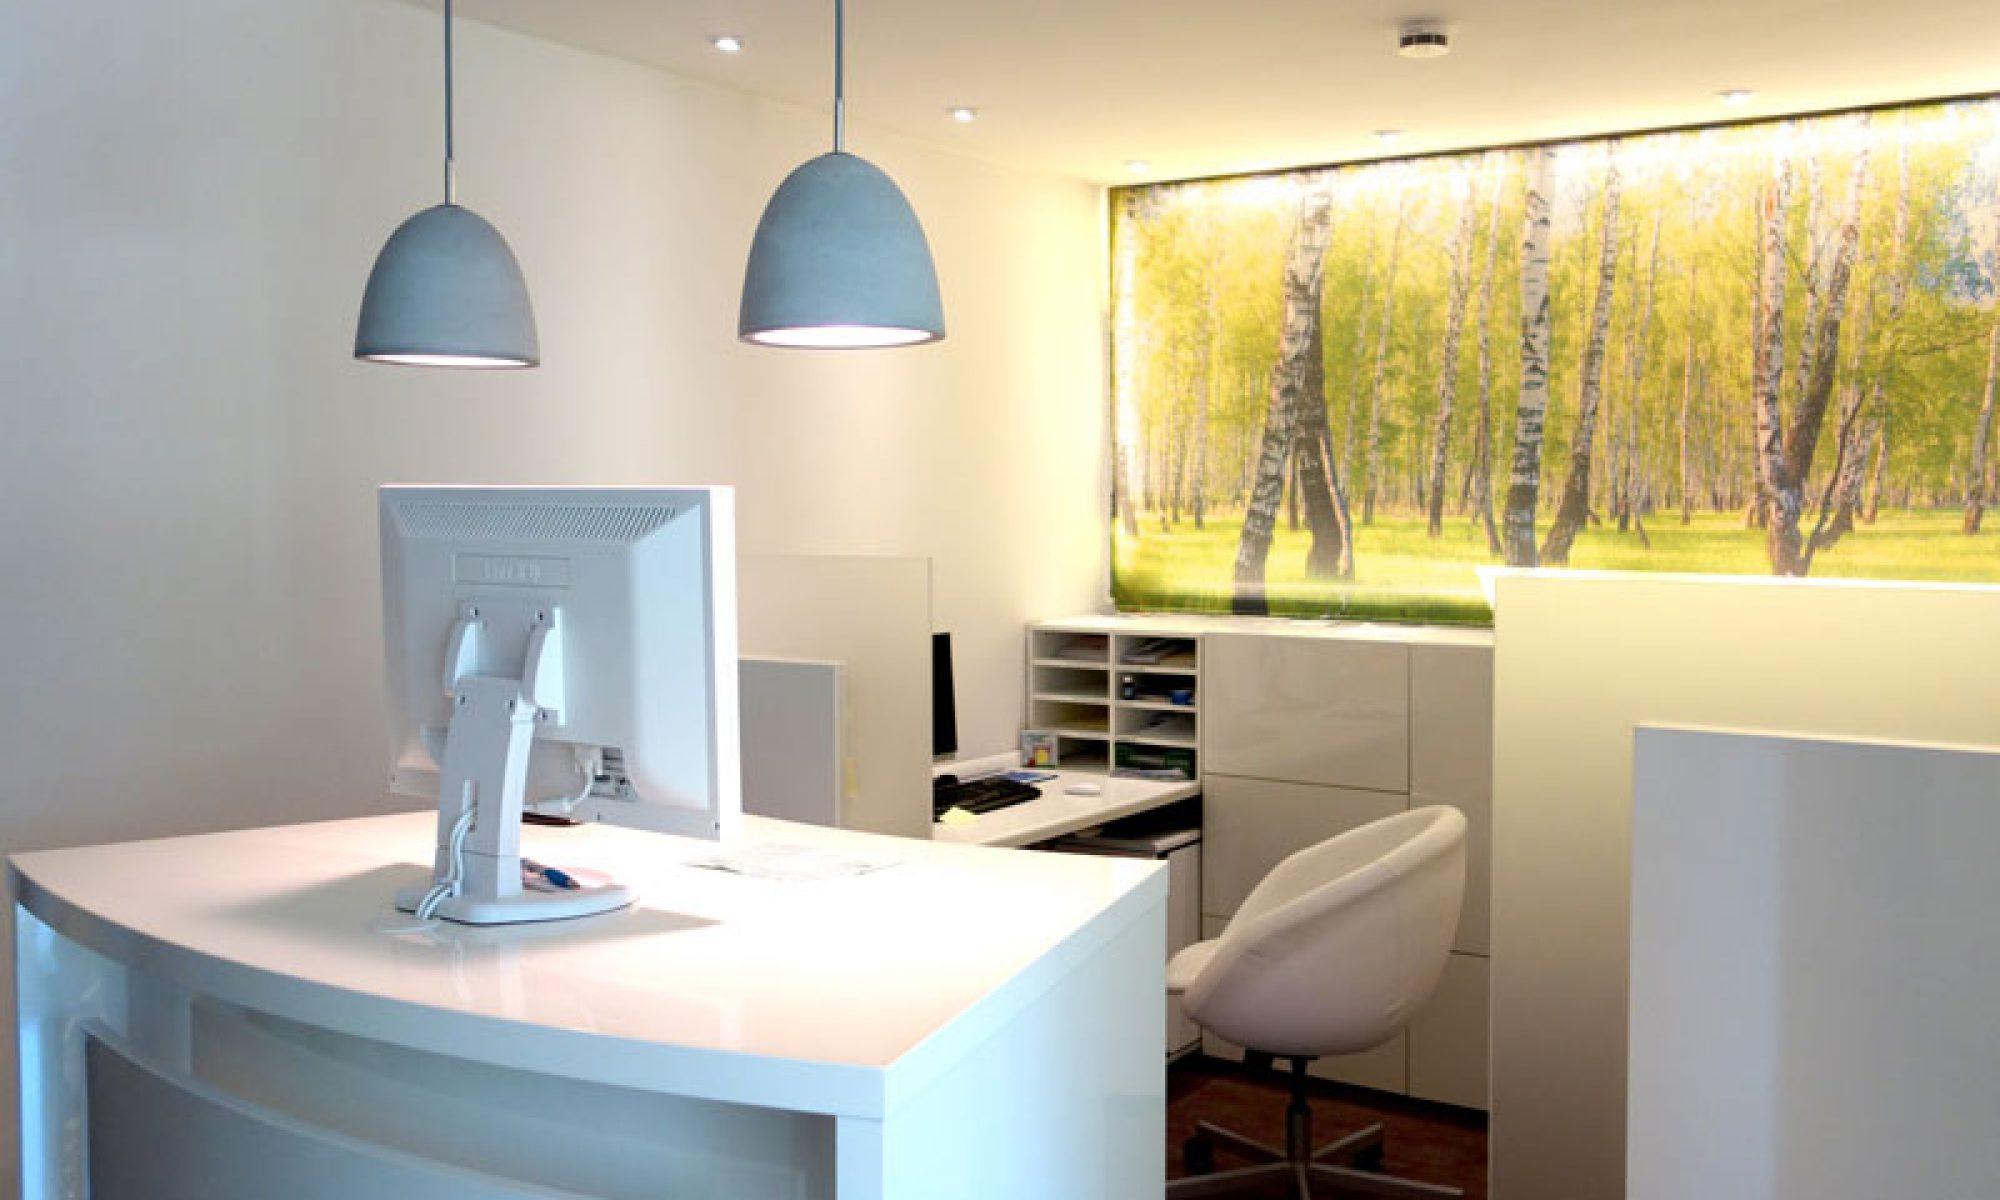 Familienpraxis für Zahnheilkunde in Bad schönborn